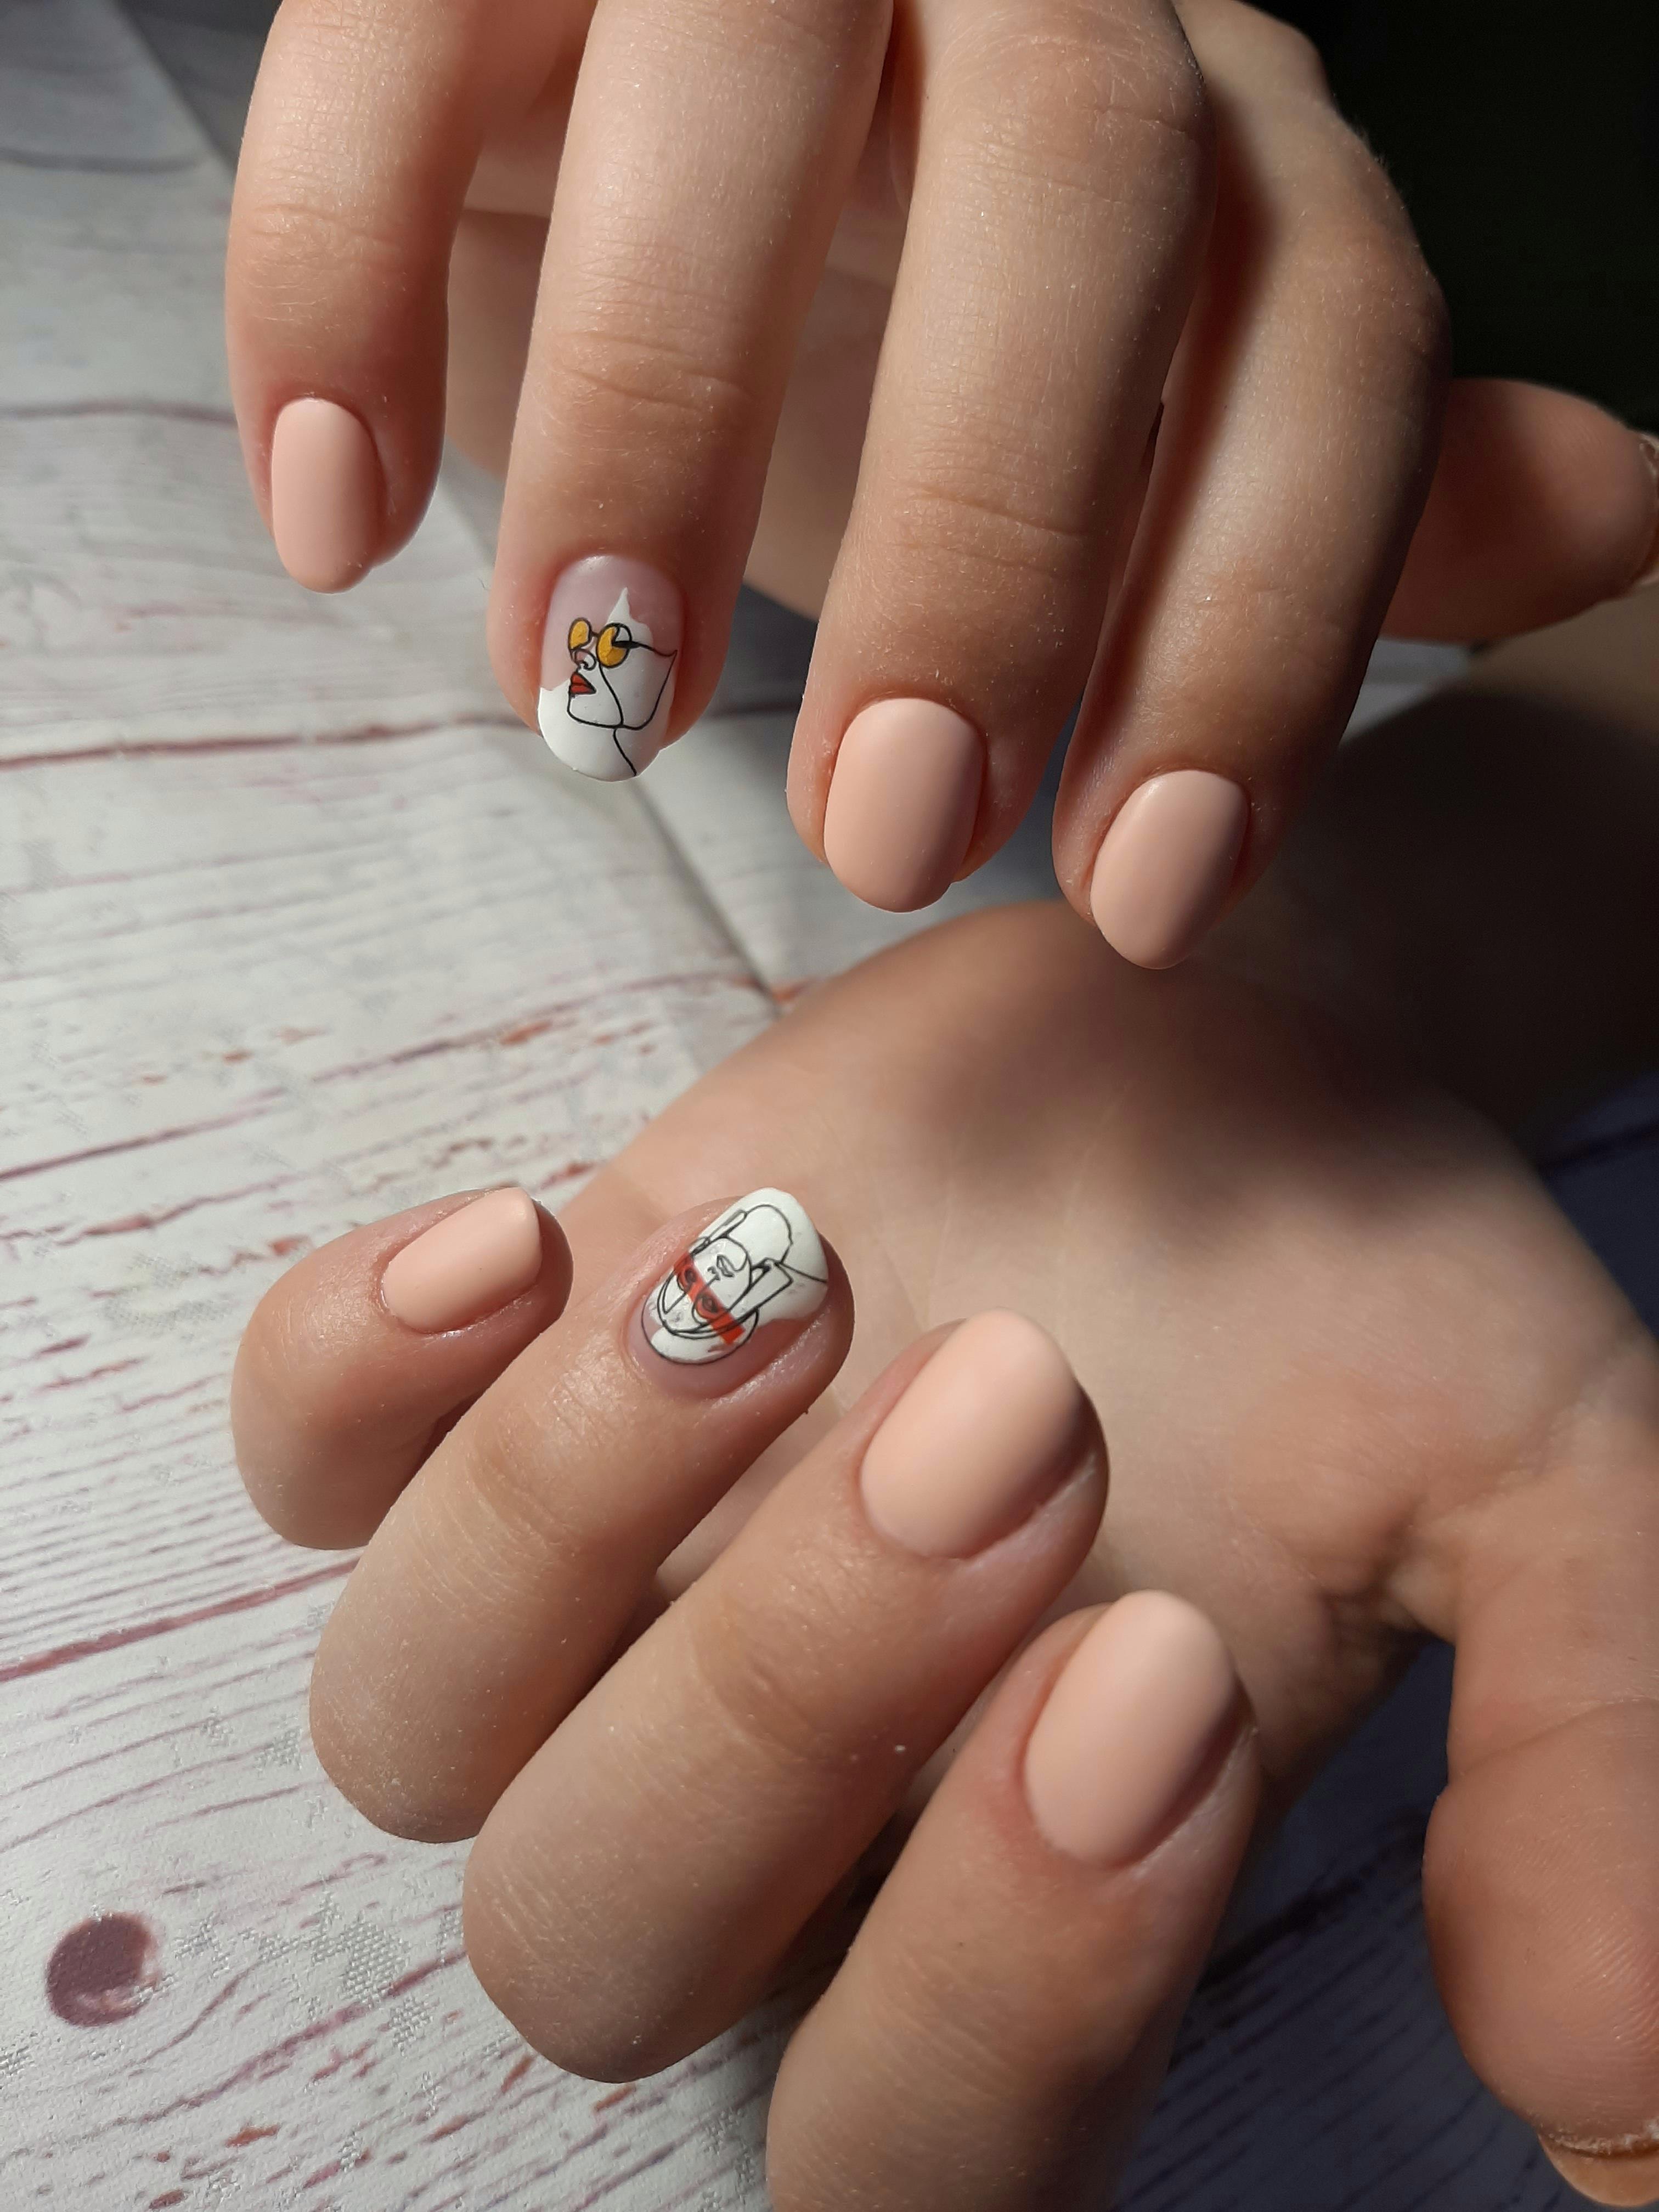 Матовый маникюр со слайдерами в бежевом цвете на короткие ногти.